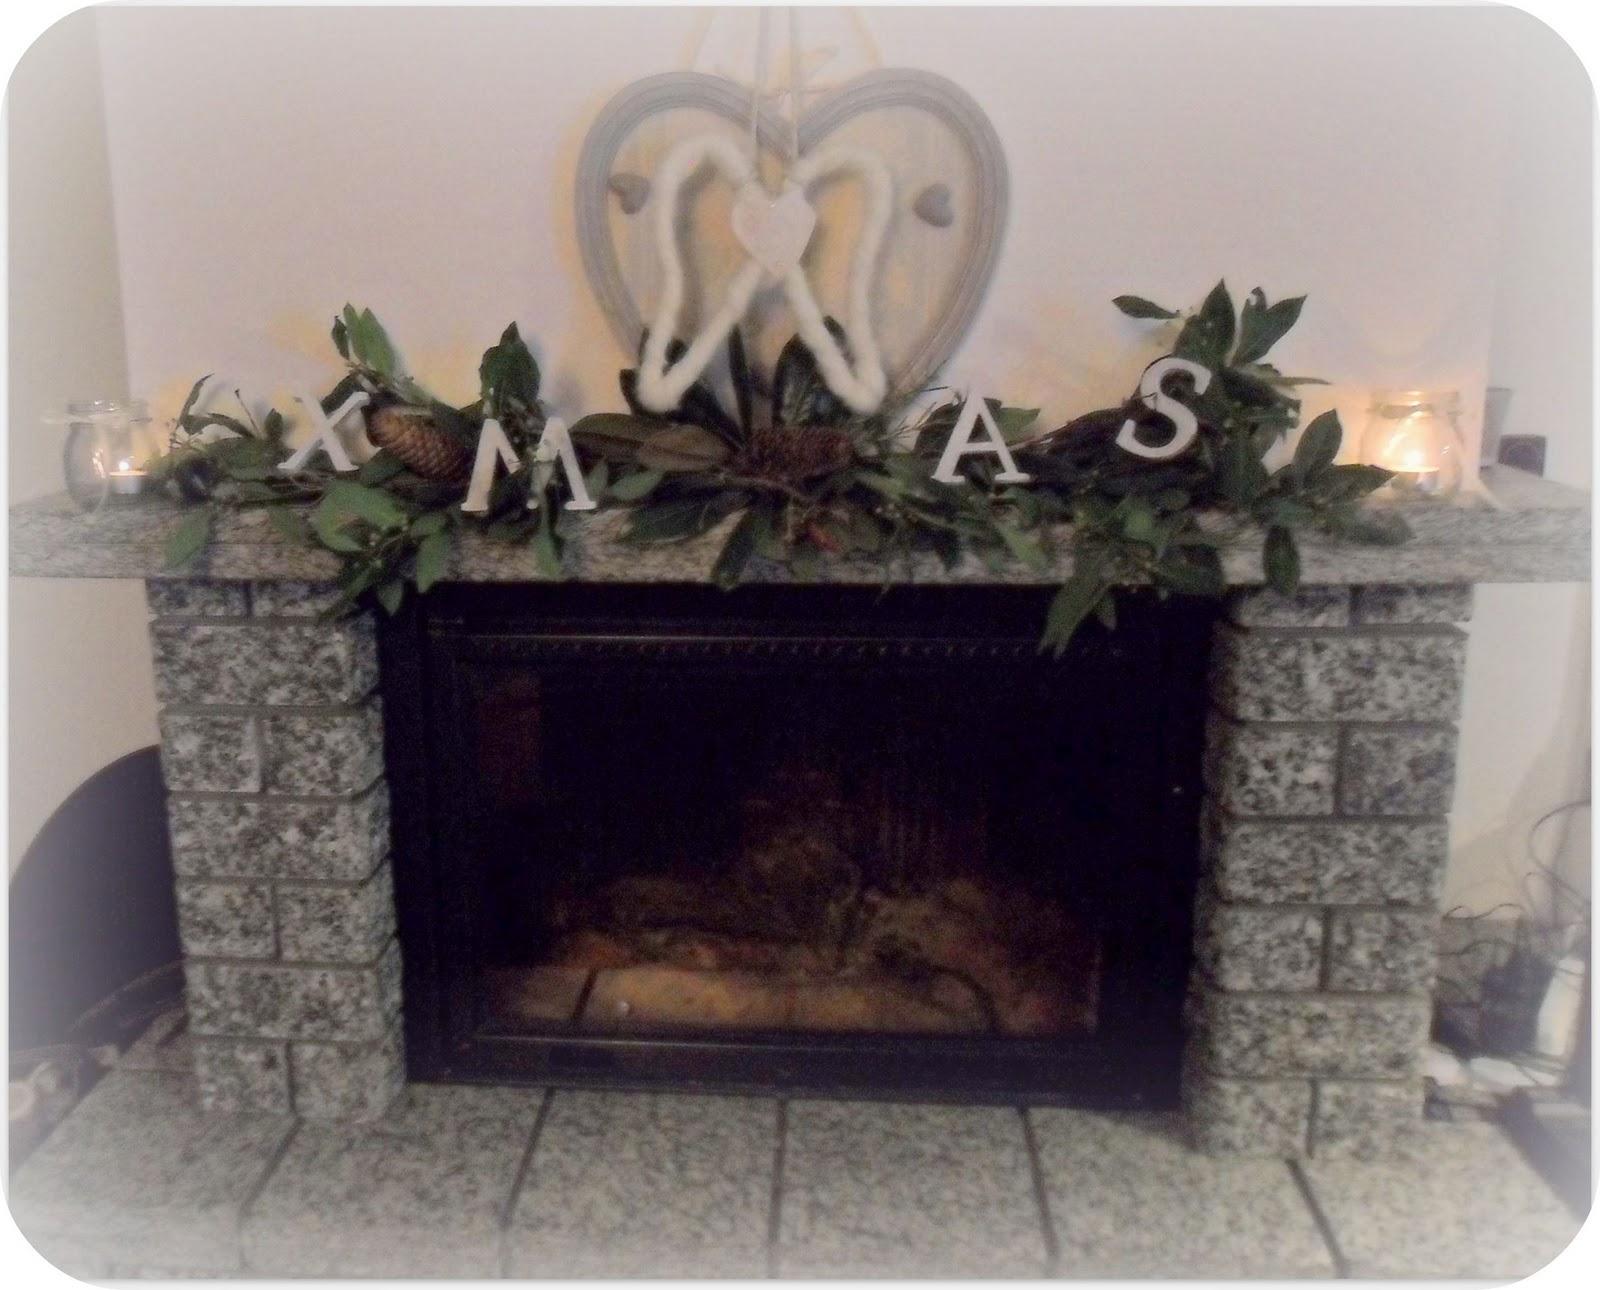 Decorazioni Natalizie Con Foglie Di Magnolia.Creamaricrea Natale A Casa Mia